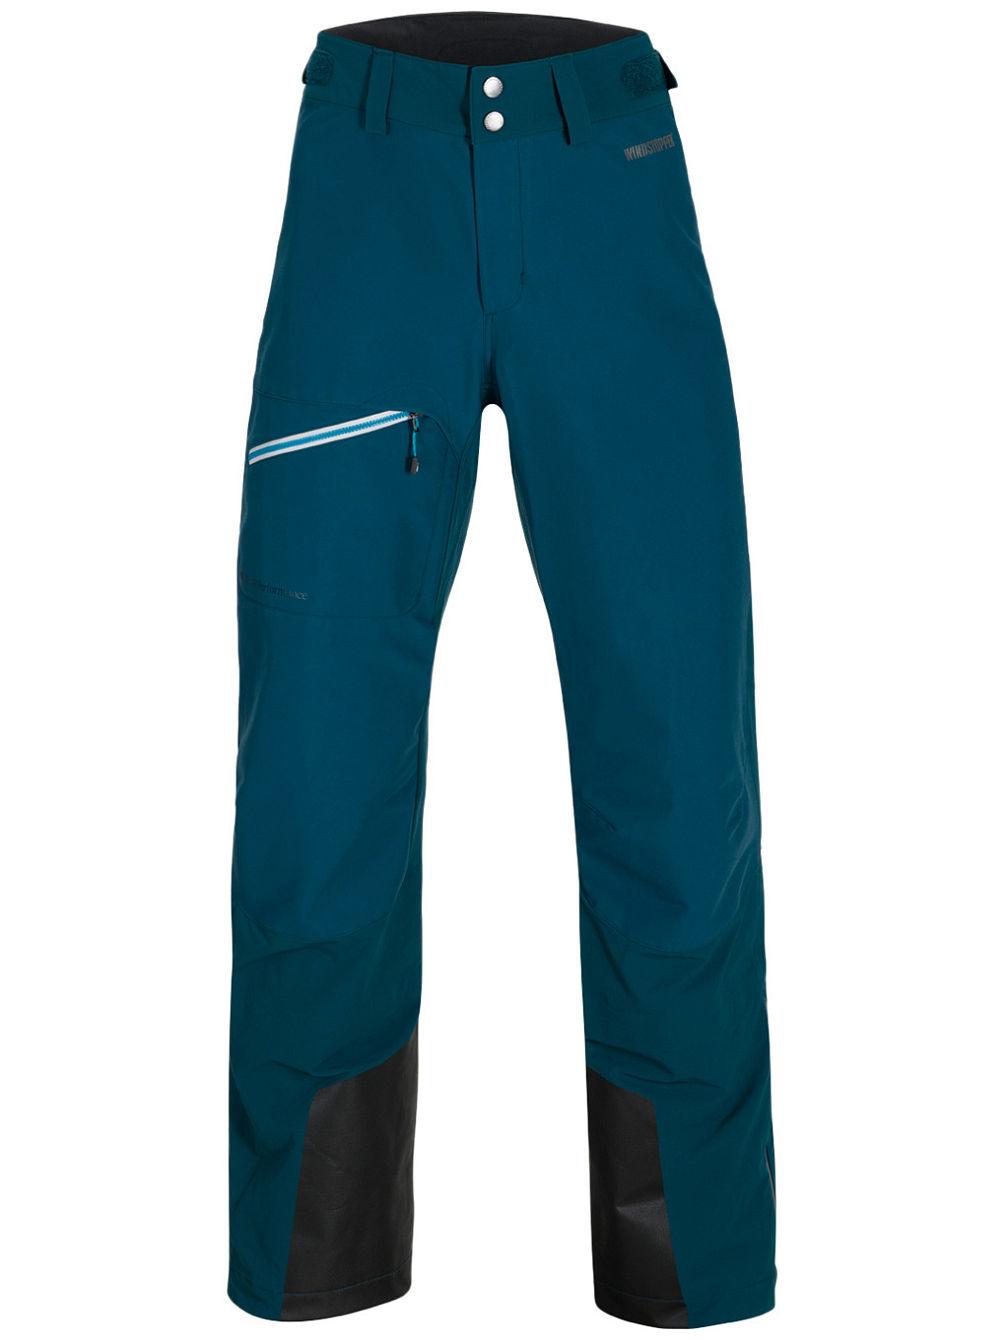 achetez peak performance rando pantalon en ligne sur blue. Black Bedroom Furniture Sets. Home Design Ideas